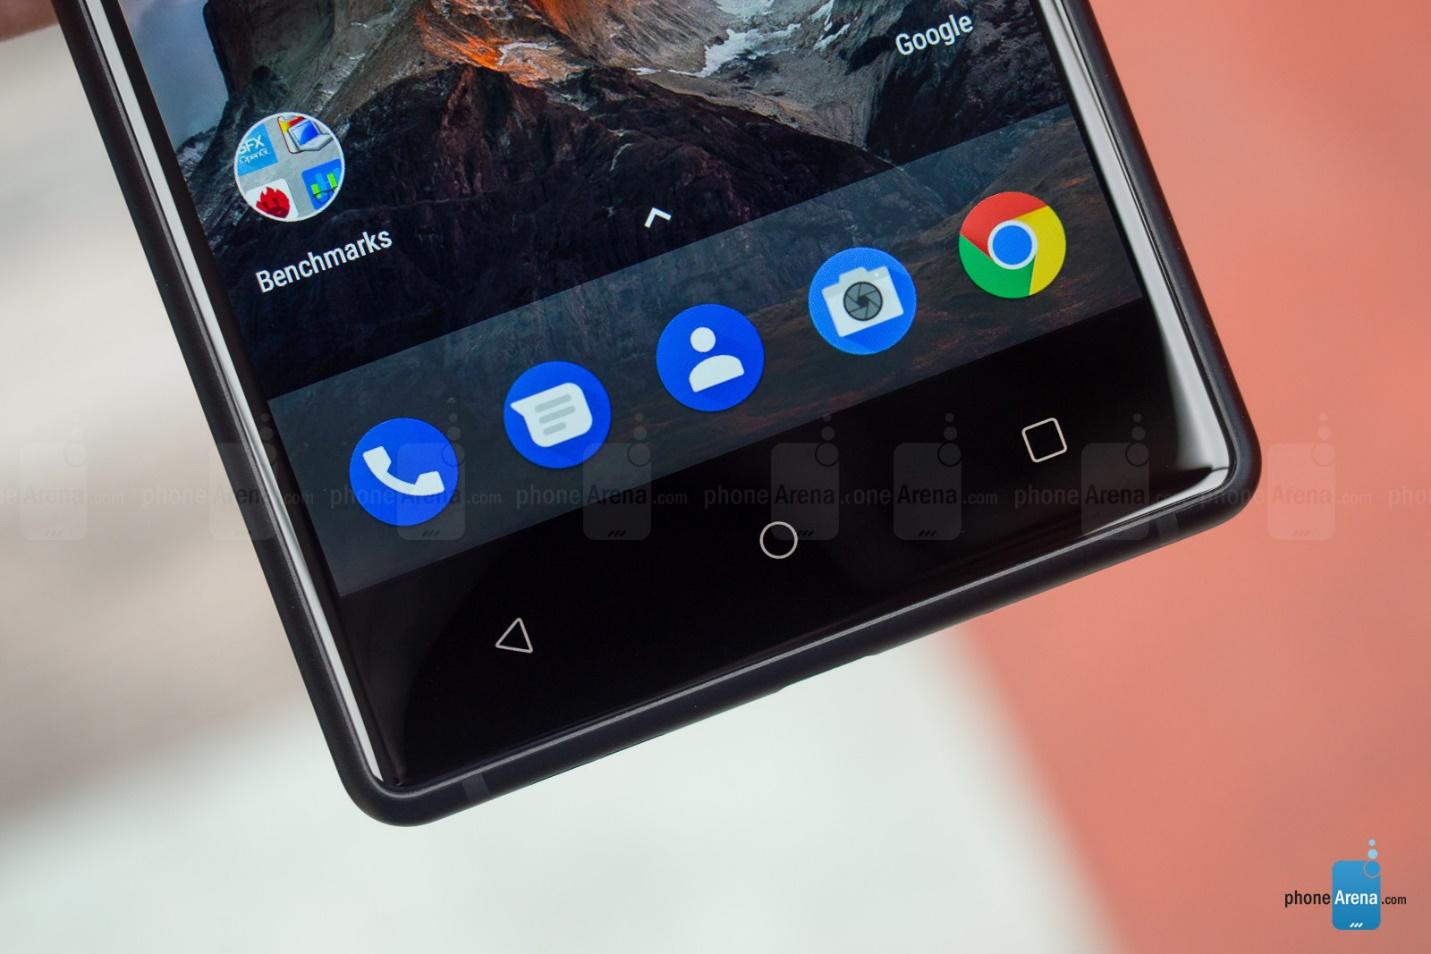 https://i-cdn.phonearena.com/images/reviews/208368-image/Nokia-3-Review-055.jpg